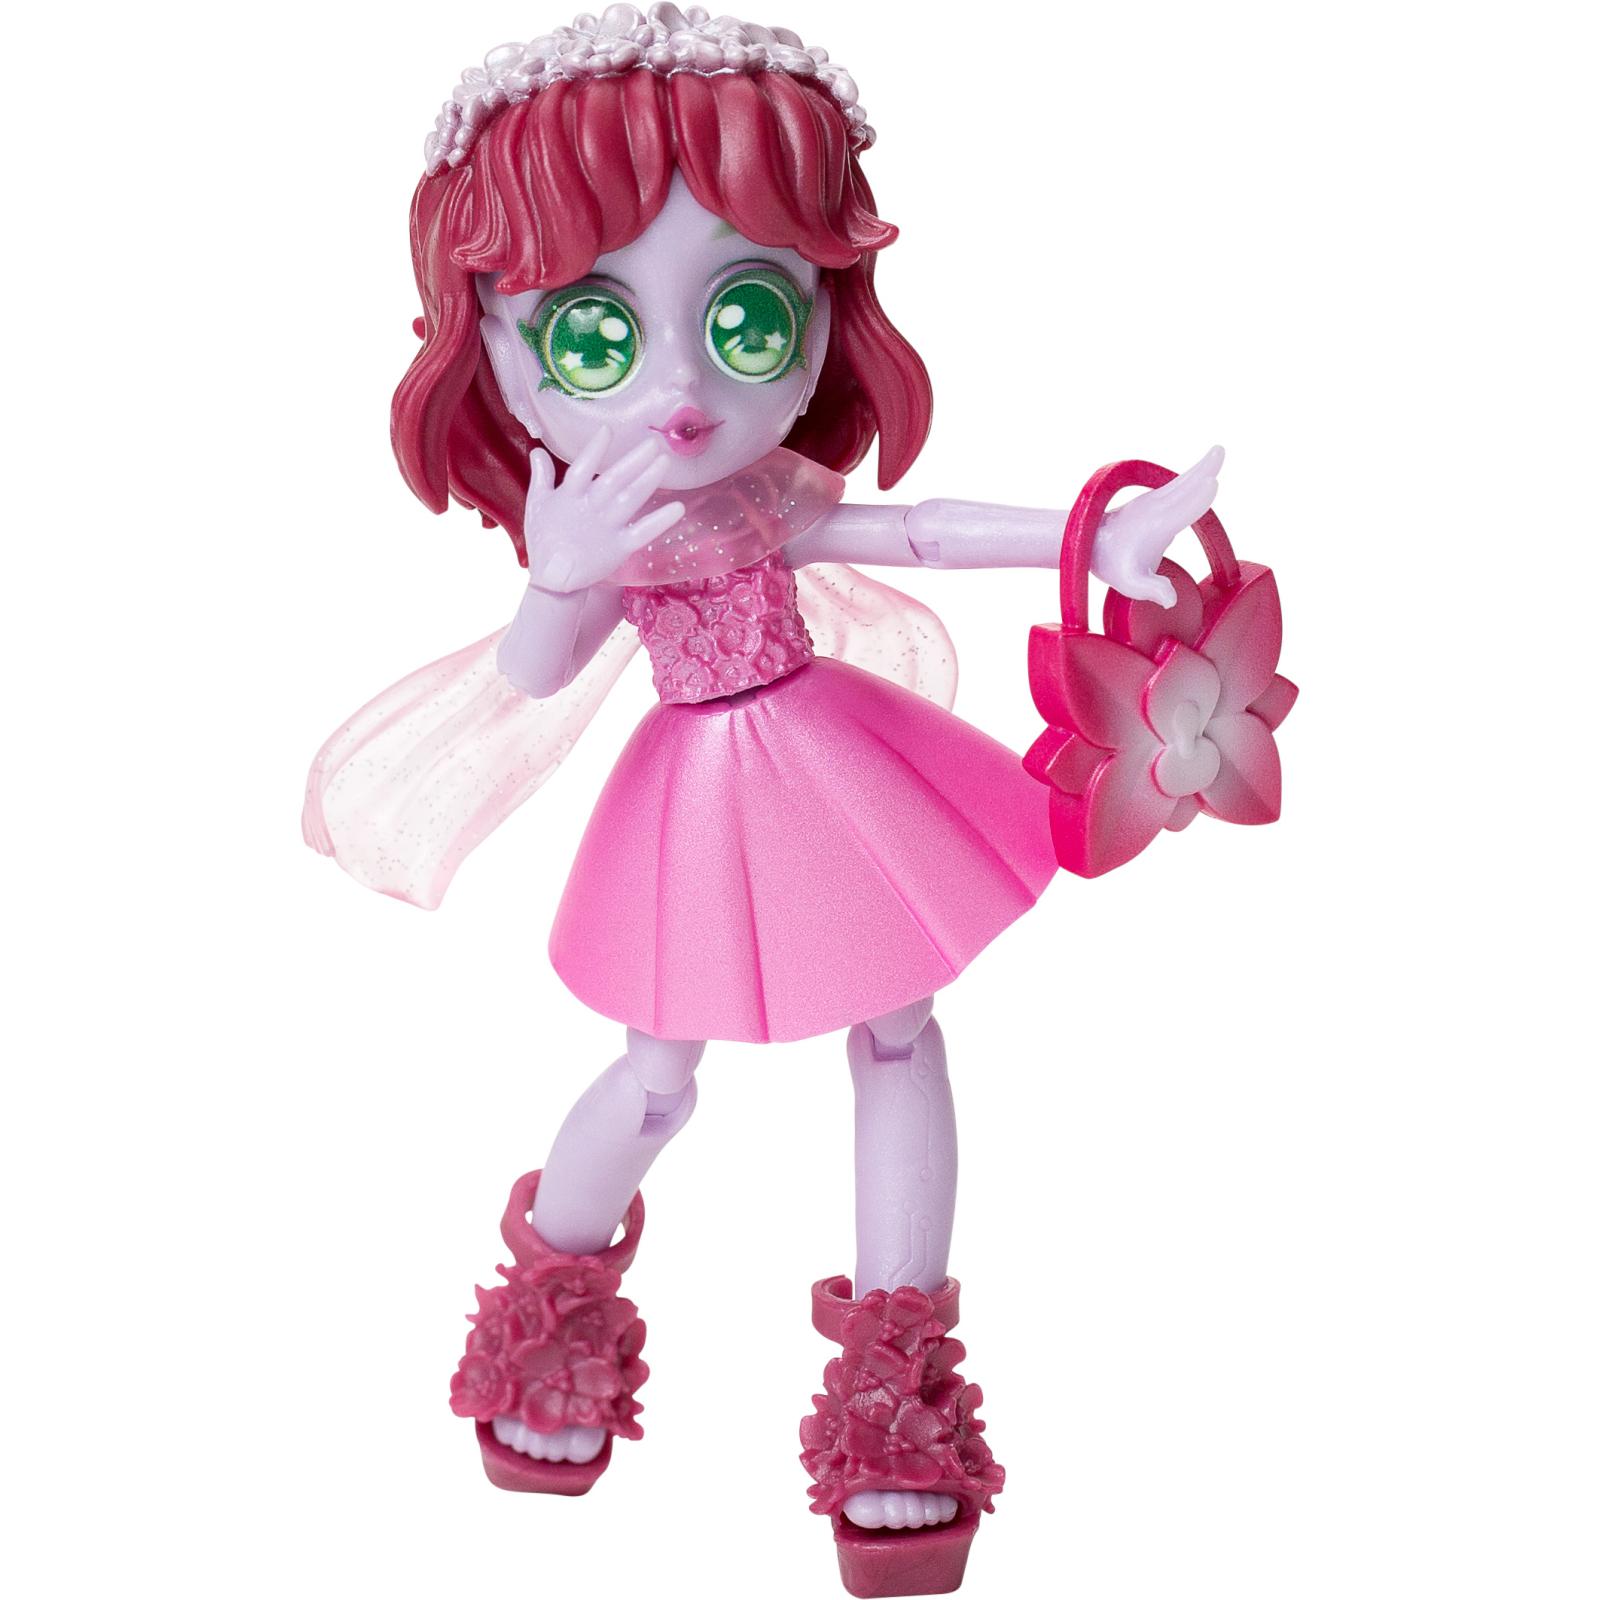 Игровой набор Moose сюрприз Capsule Chix Giga Glam с куклой (59201) изображение 6